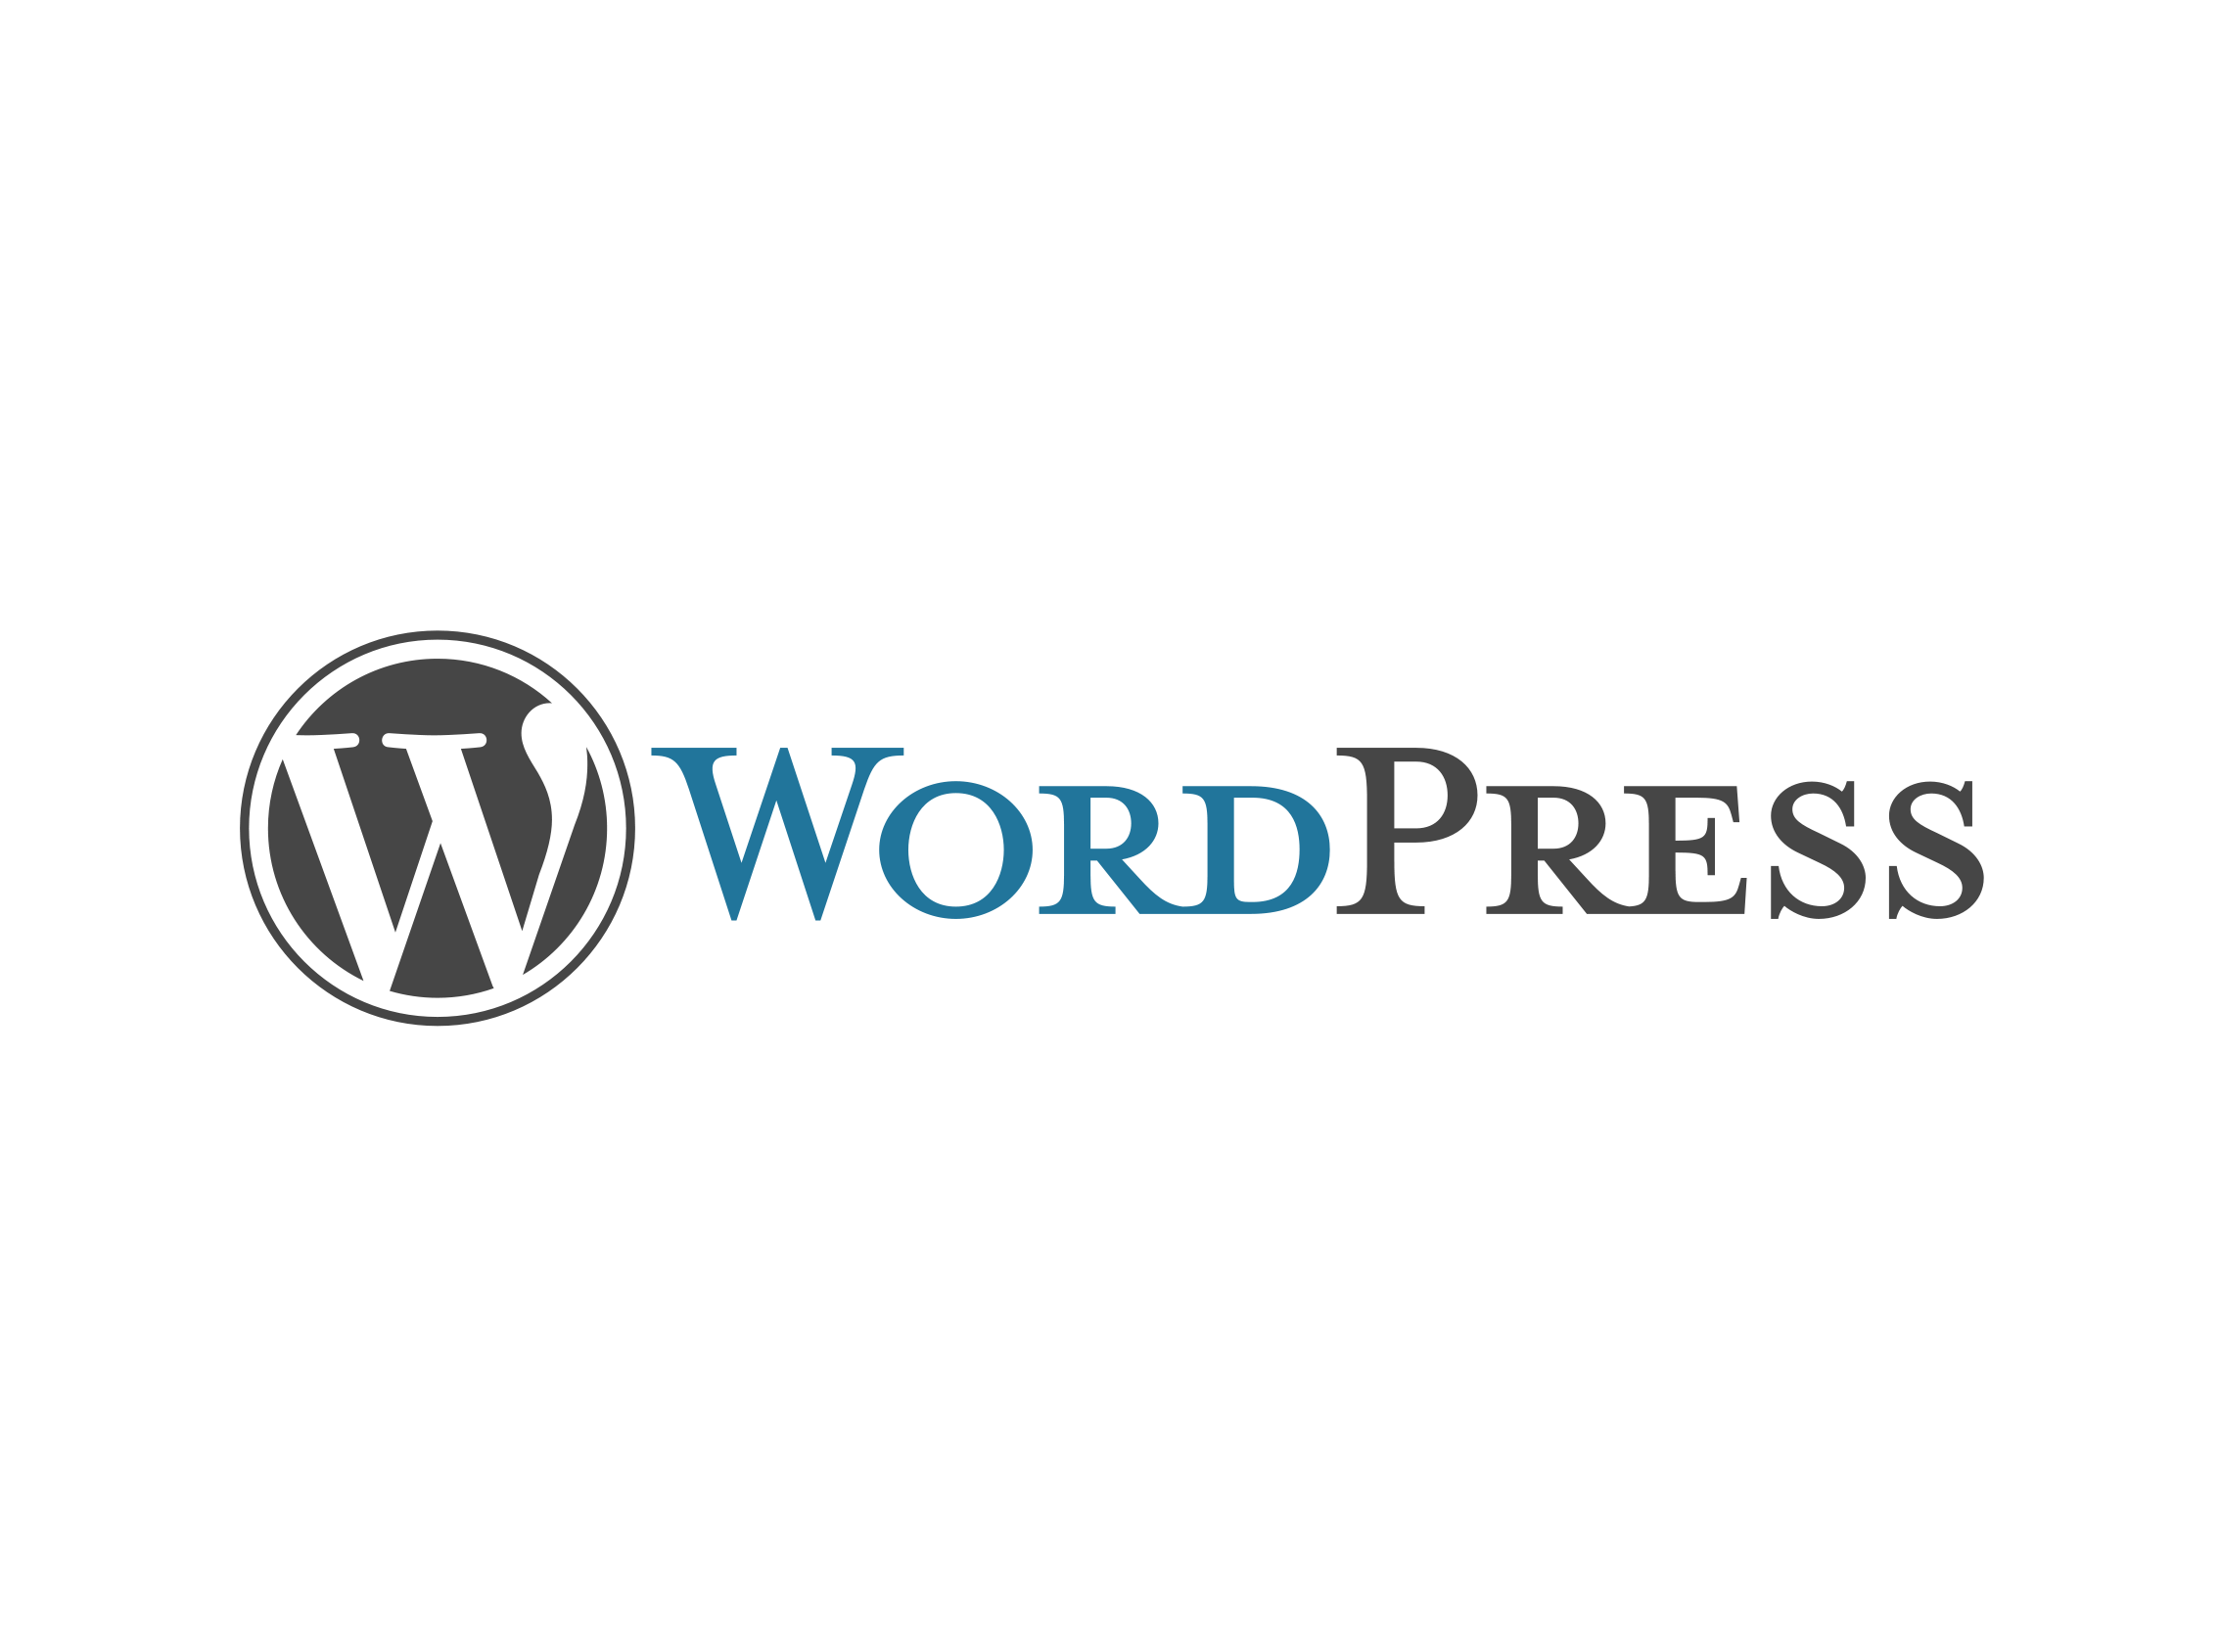 wordpress png logo images free download